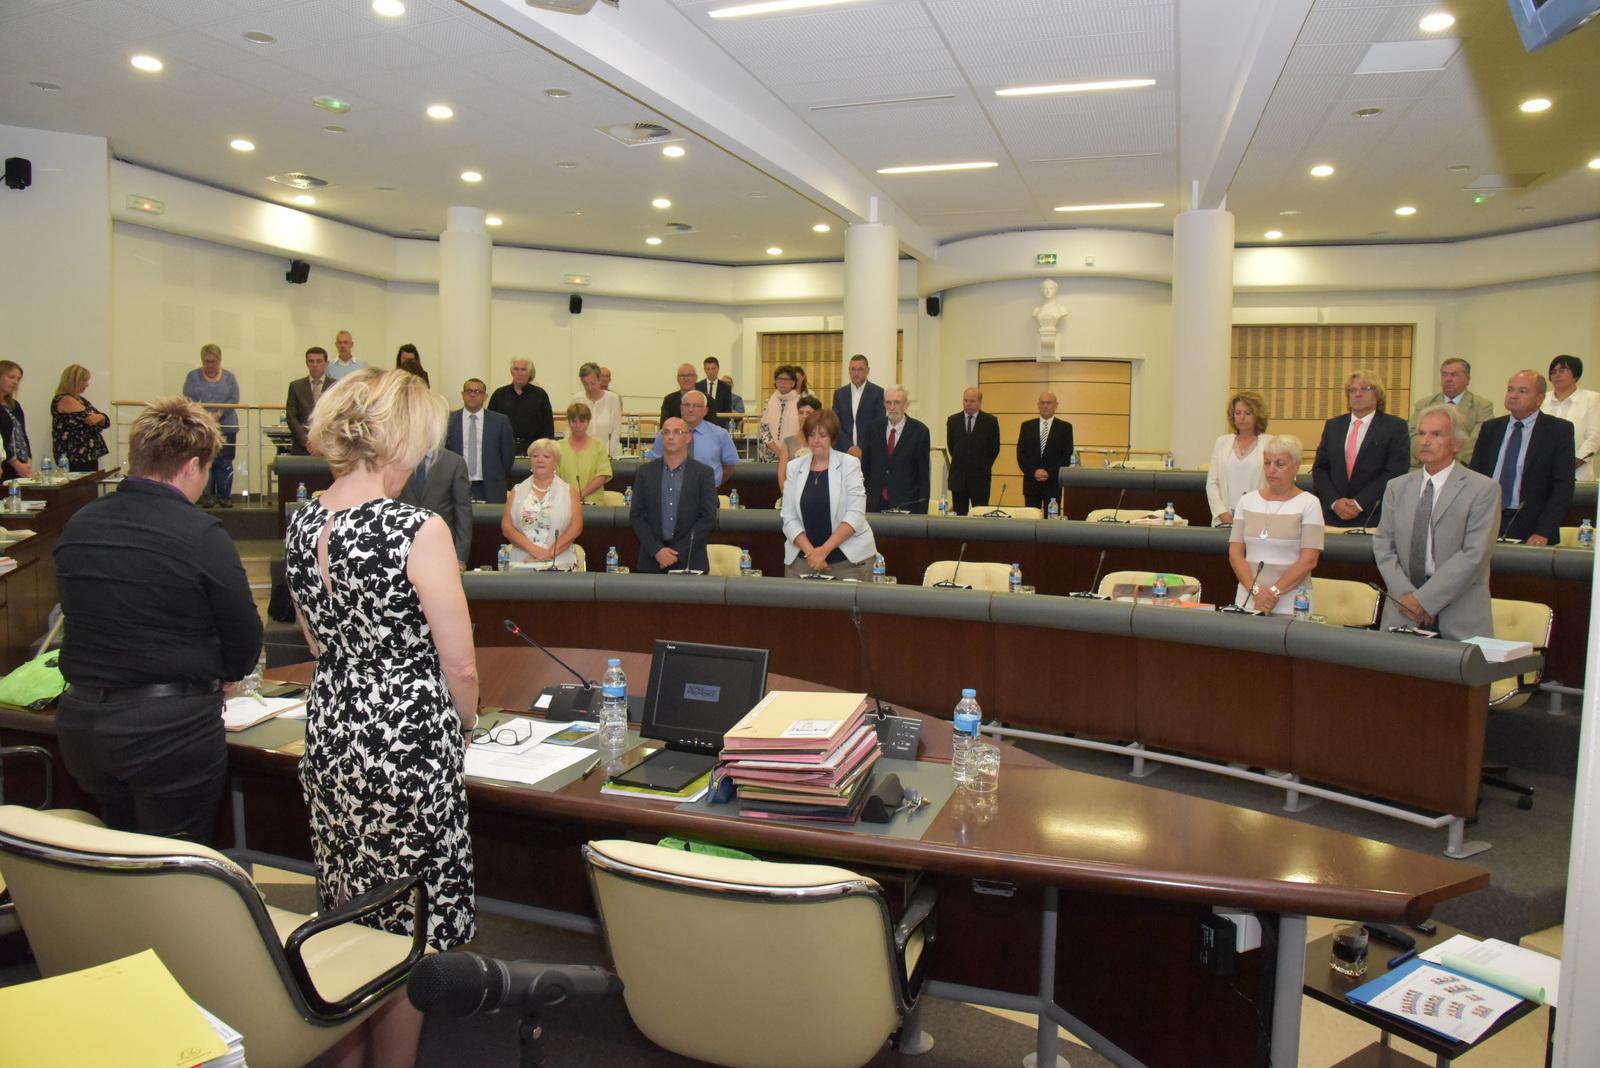 Beaucoup d'émotion au Conseil Départemental